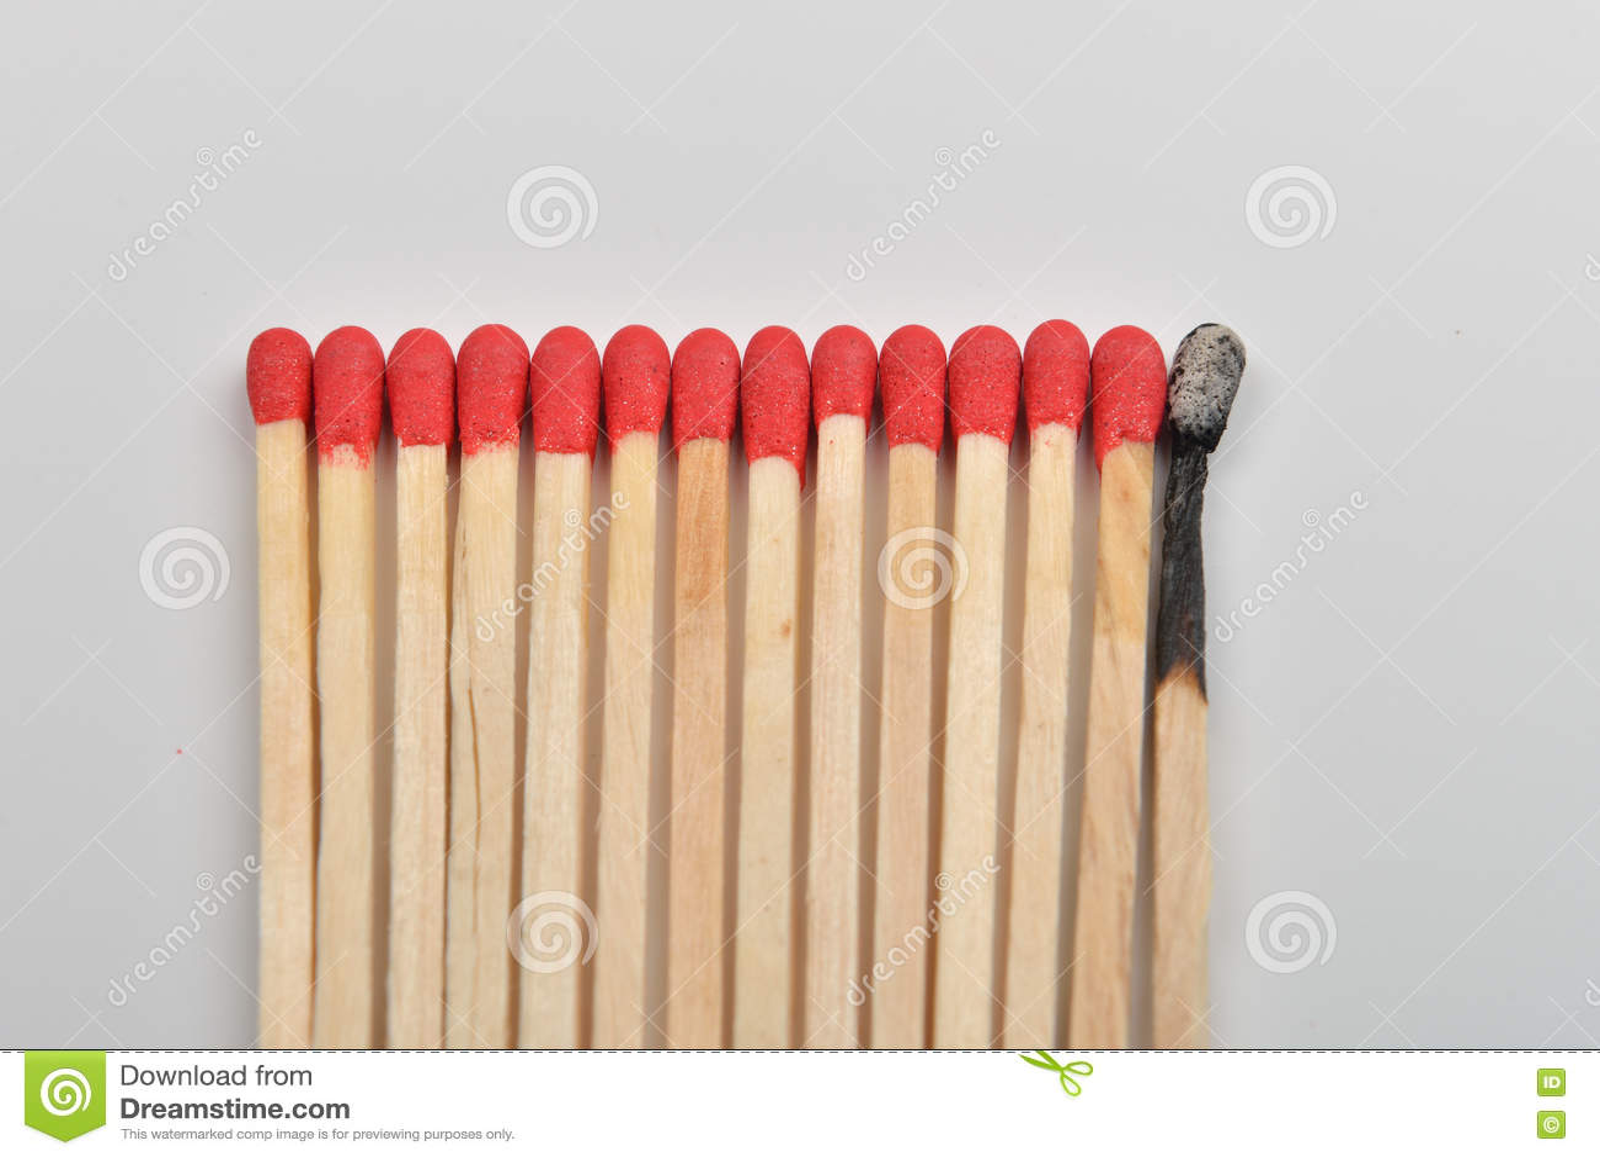 Много красных головных спичек и сгорели одно, который положенными прямо в линию на whi